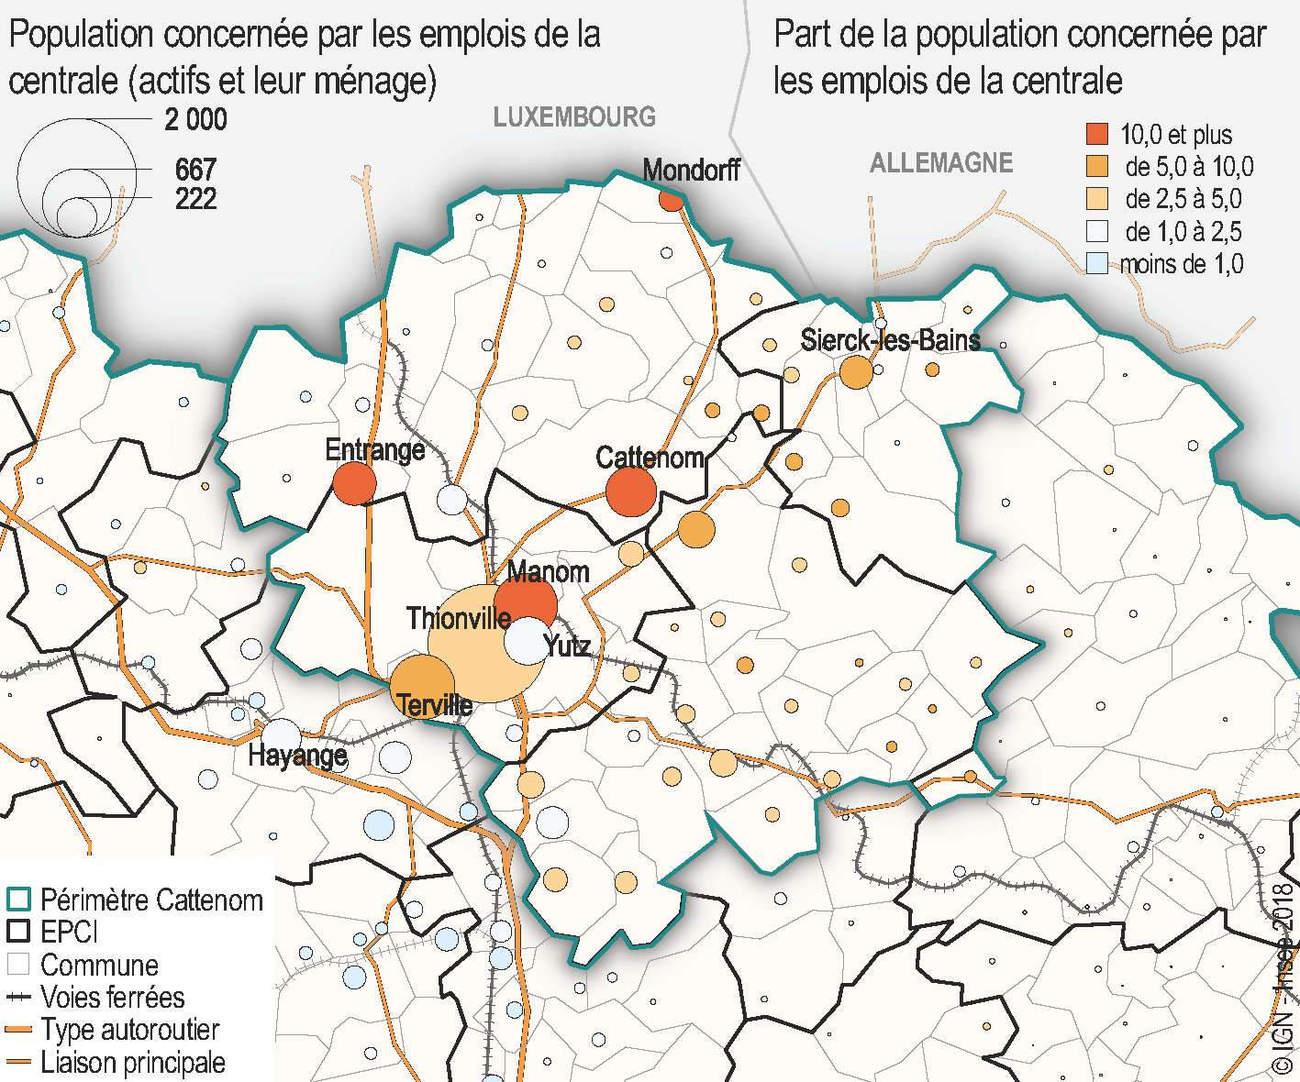 plus de 10 % de la population est concernée par les emplois liés à la centrale dans trois communes de la CC de Cattenom et environs et une commune de la CA Portes de France-Thionville. •Sources : Insee, appariements CLAP-DADS-FEE-RP 2015 ; EDF, salariés et commandes 2015-2016.